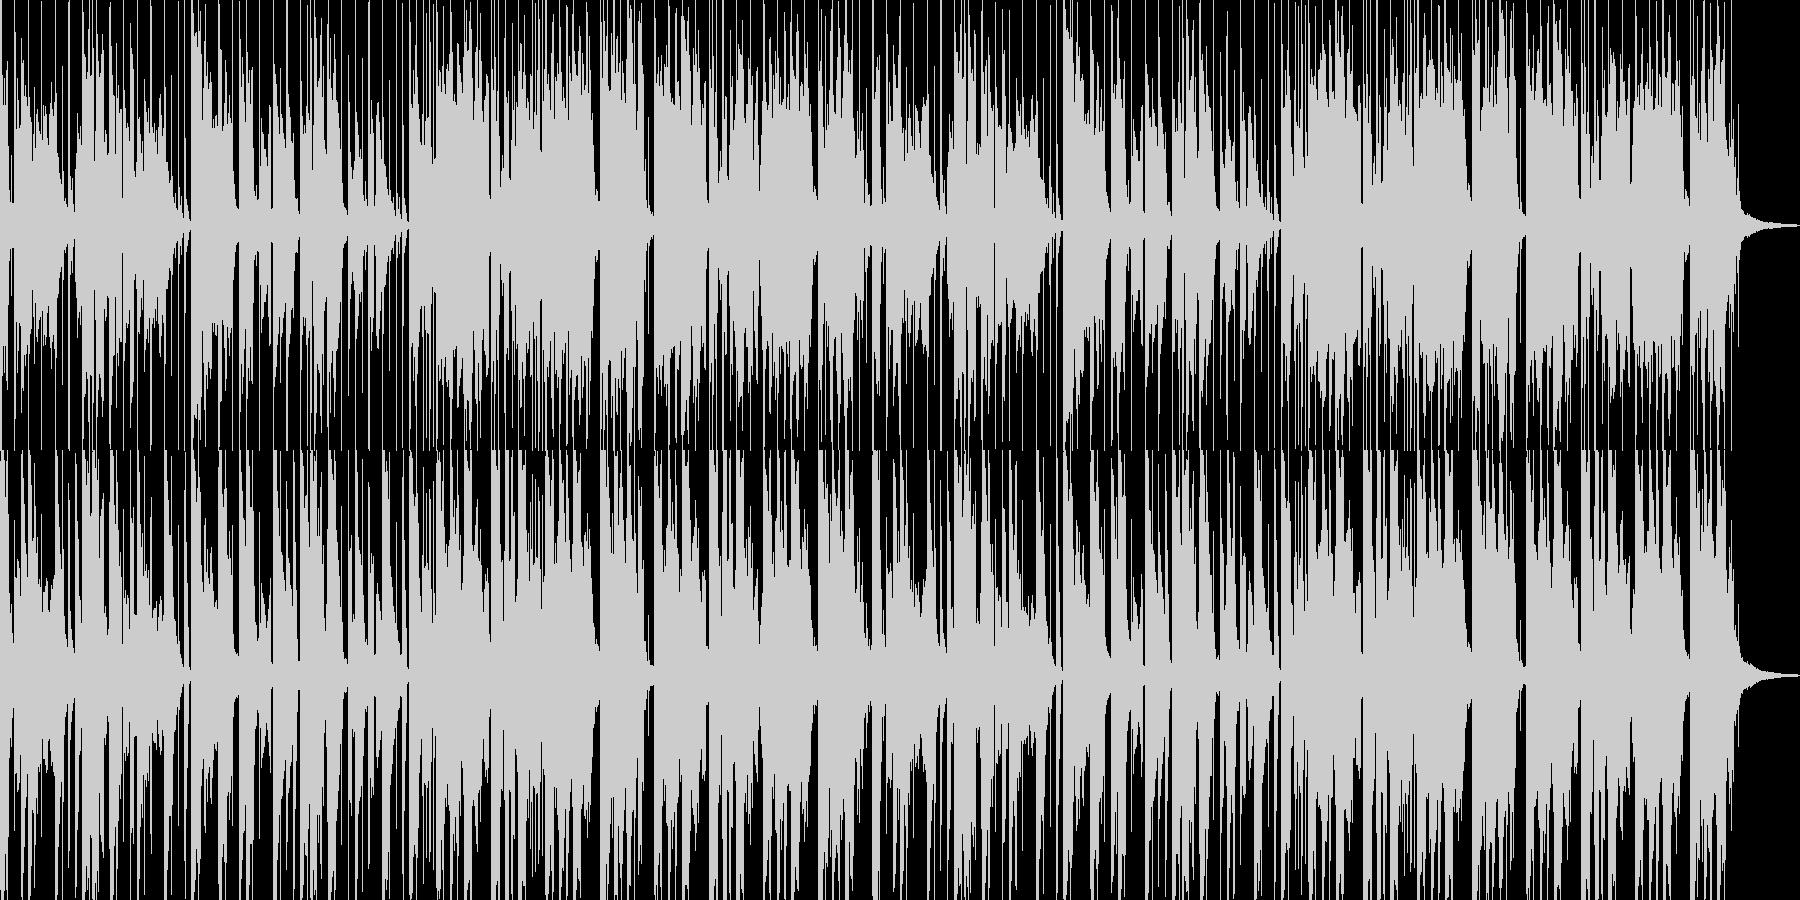 ほのぼのした民族音楽風のBGMの未再生の波形